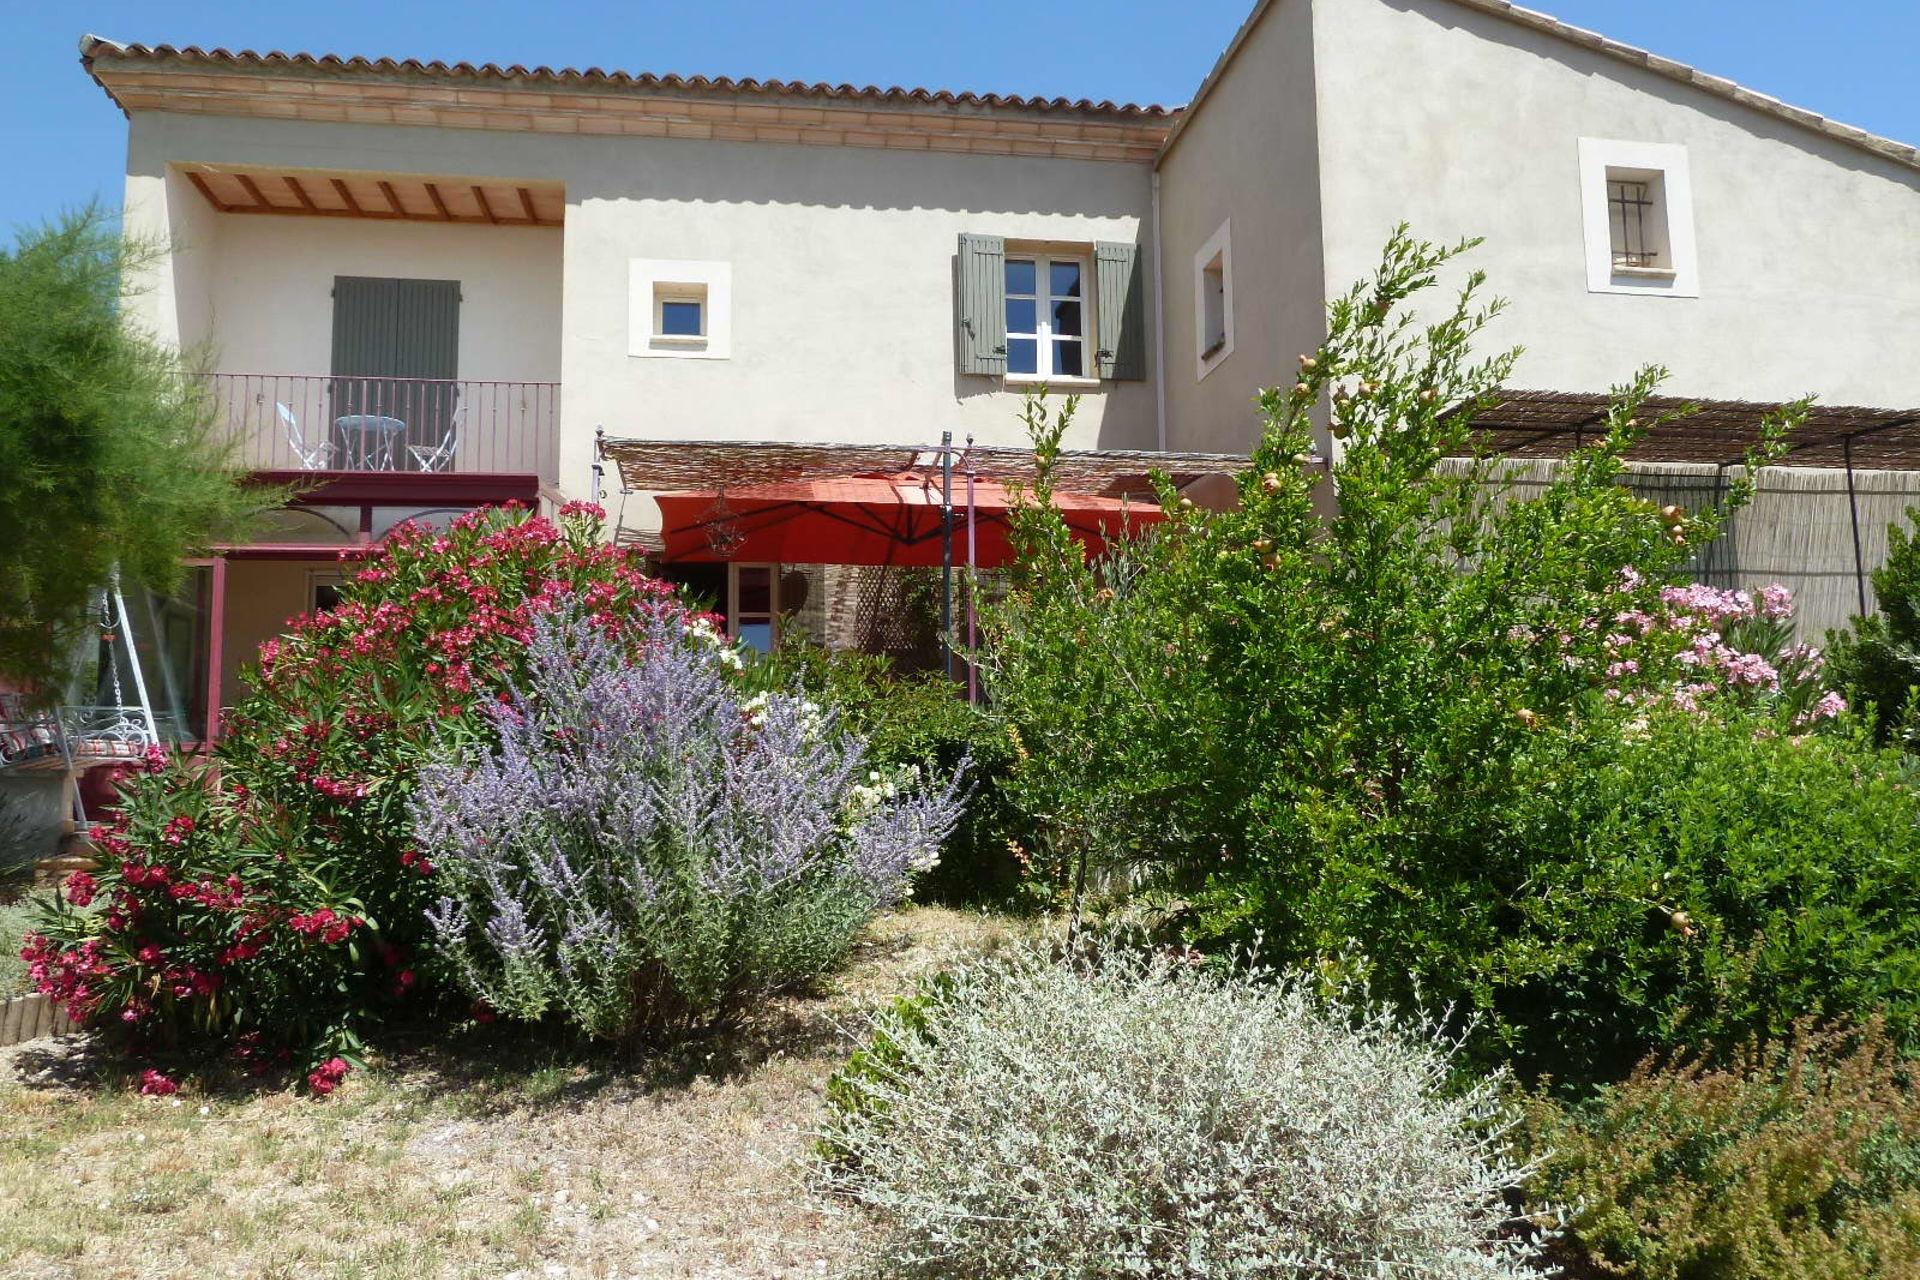 kaufe 39 provenzalische villa mit fantastischer aussicht 39 in provence alpes c te d 39 azur vaucluse. Black Bedroom Furniture Sets. Home Design Ideas